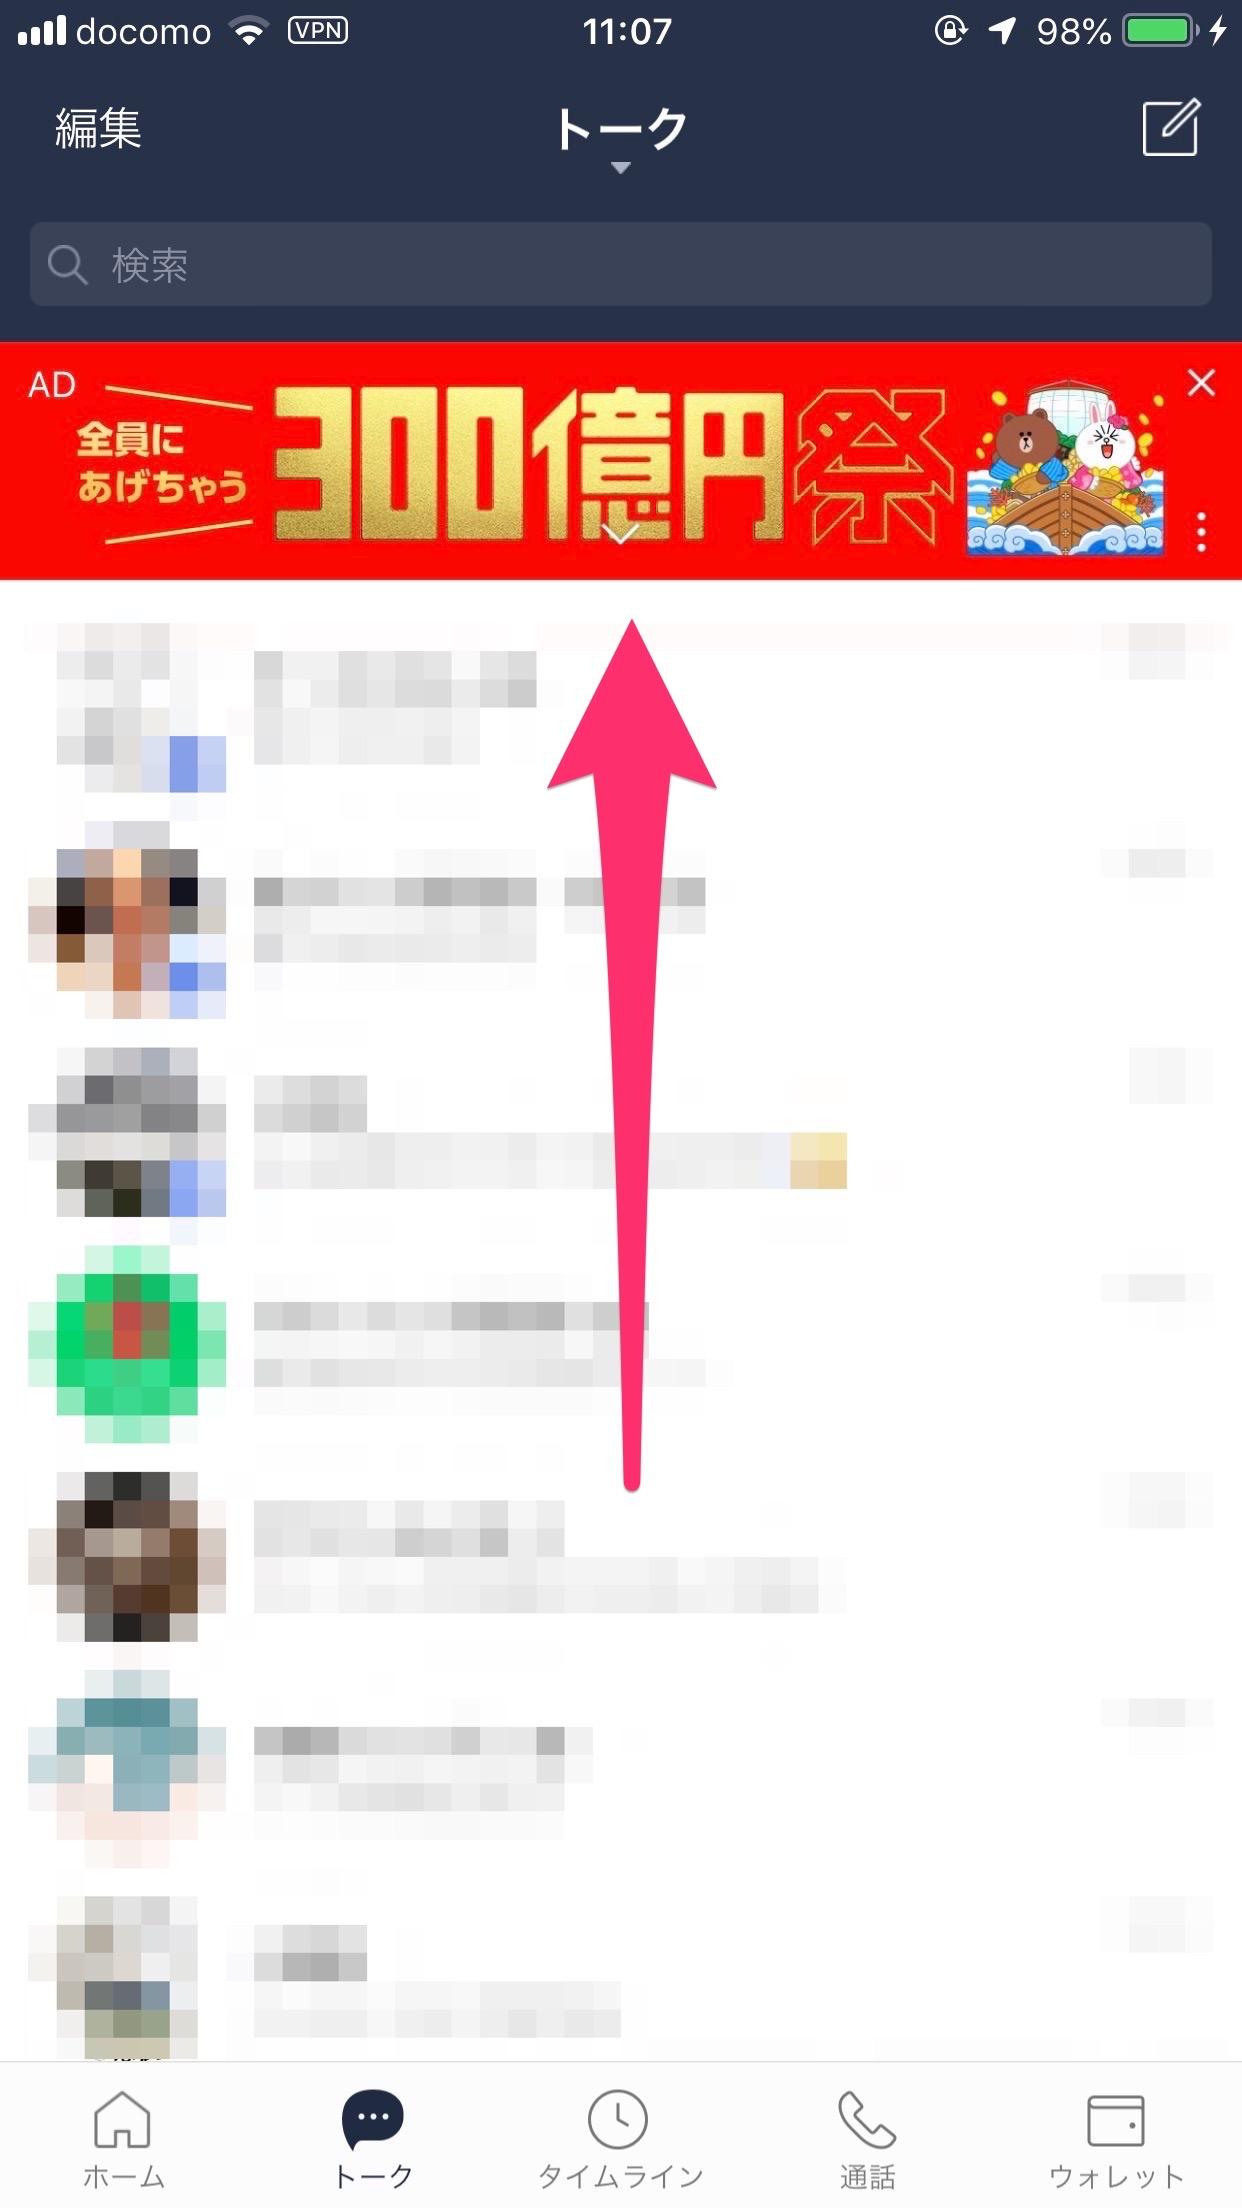 【LINE Pay】300億円キャンペーンが開始!早速1,000円を受け取り100万円キャンペーンにもエントリー